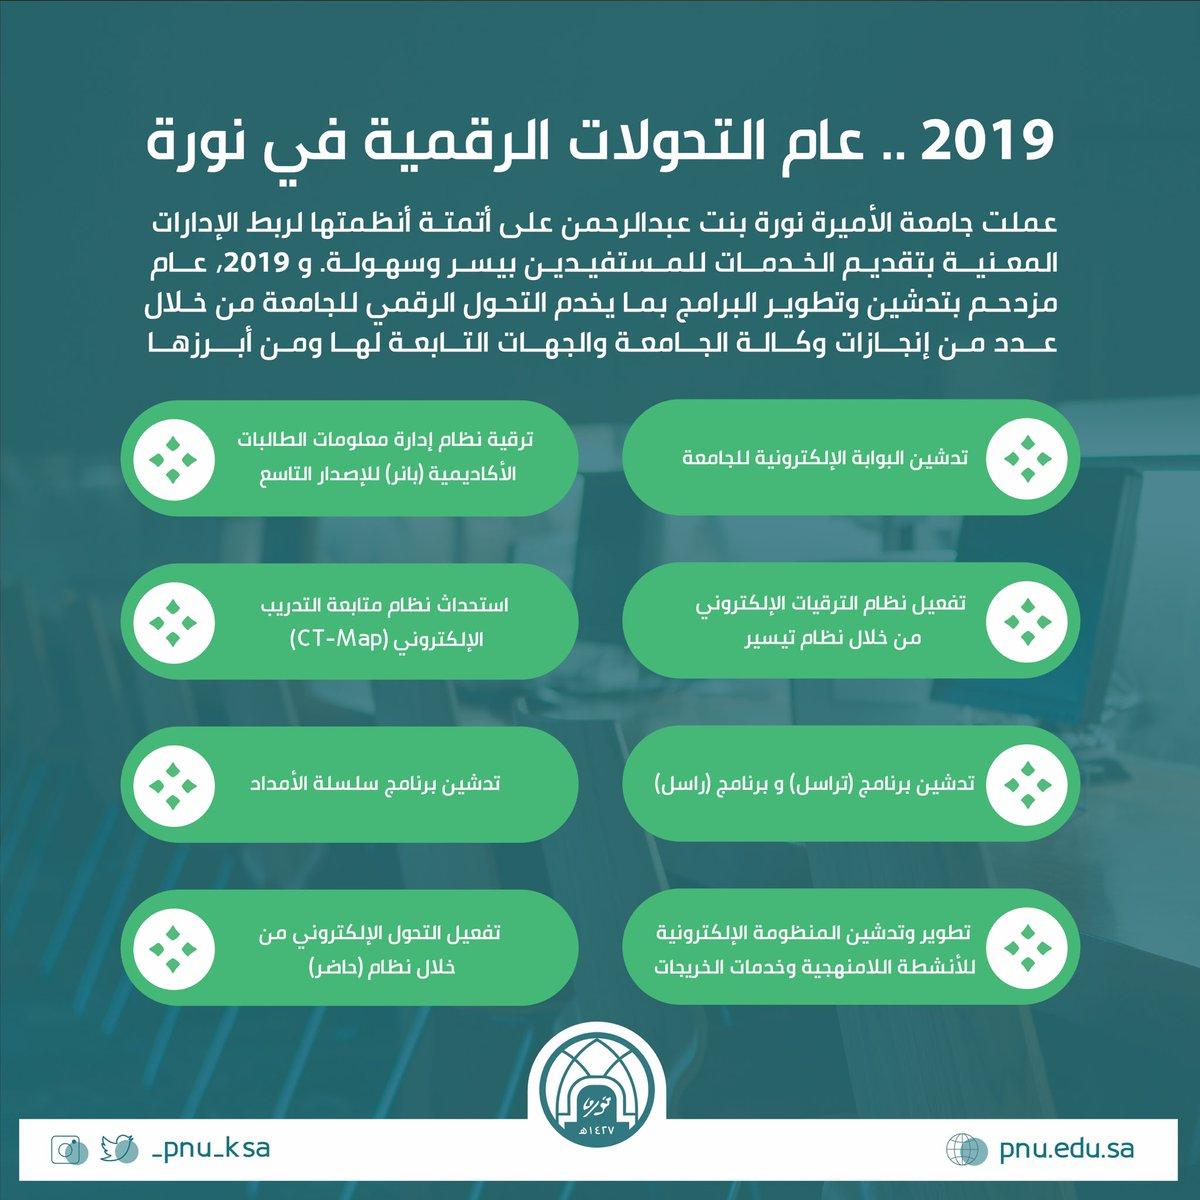 جامعة الأميرة نورة On Twitter التقنية طريق التميز في نورة 2019 جامعة الأميرة نورة نورة المستقبل